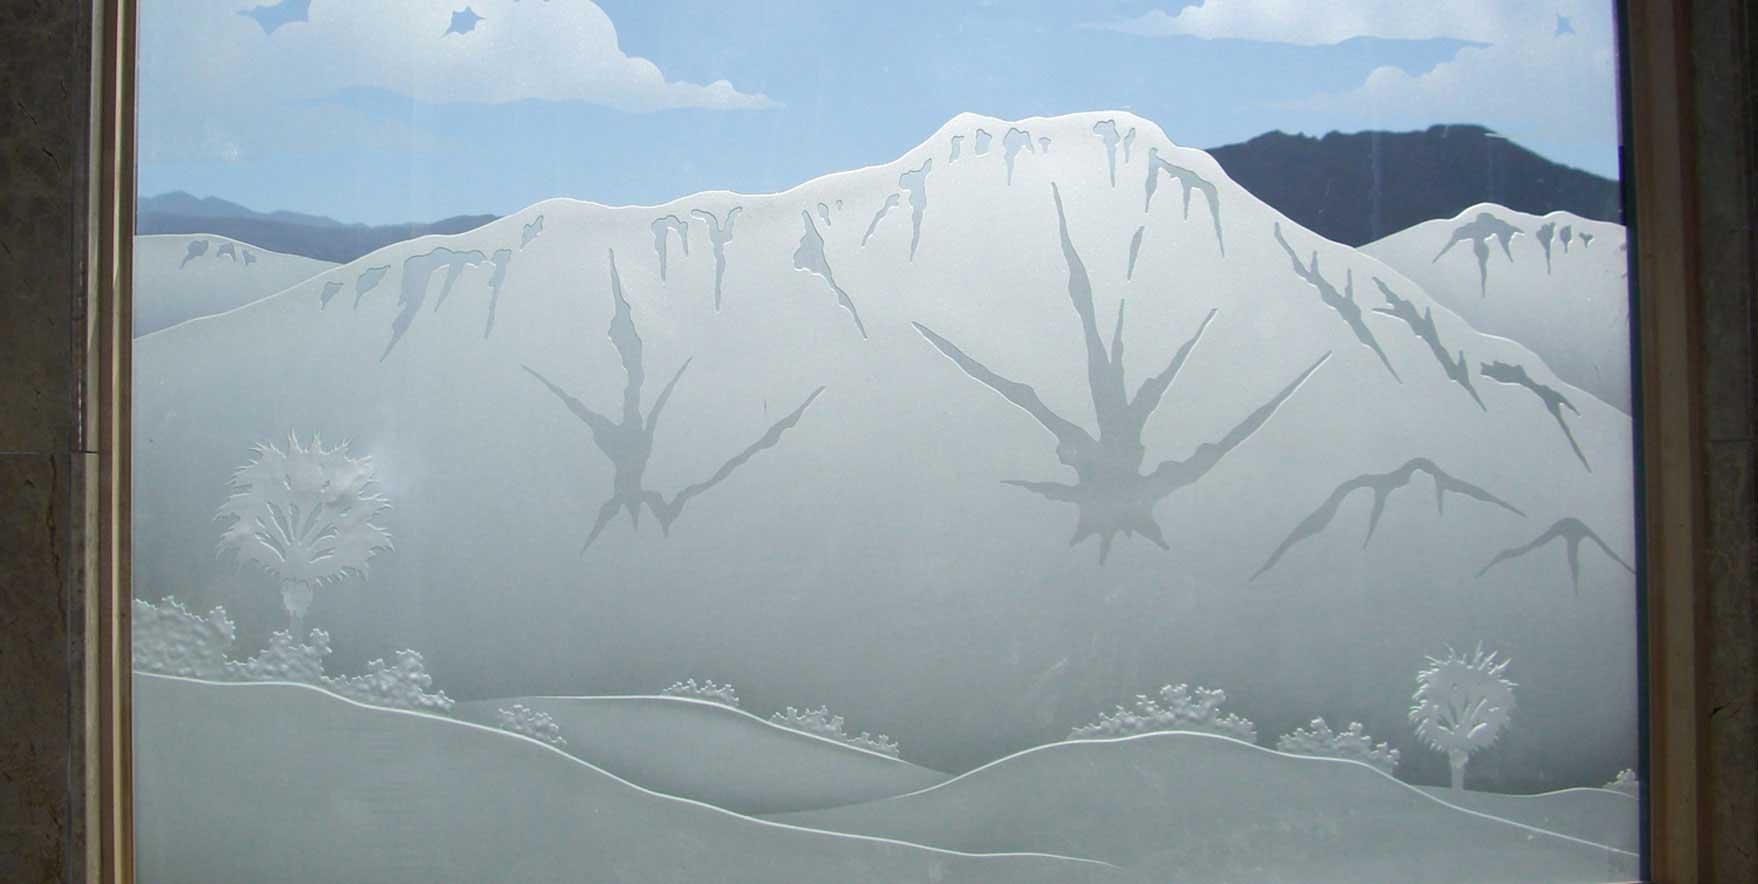 La-Quinta-Mountains-by-Sans-Soucie